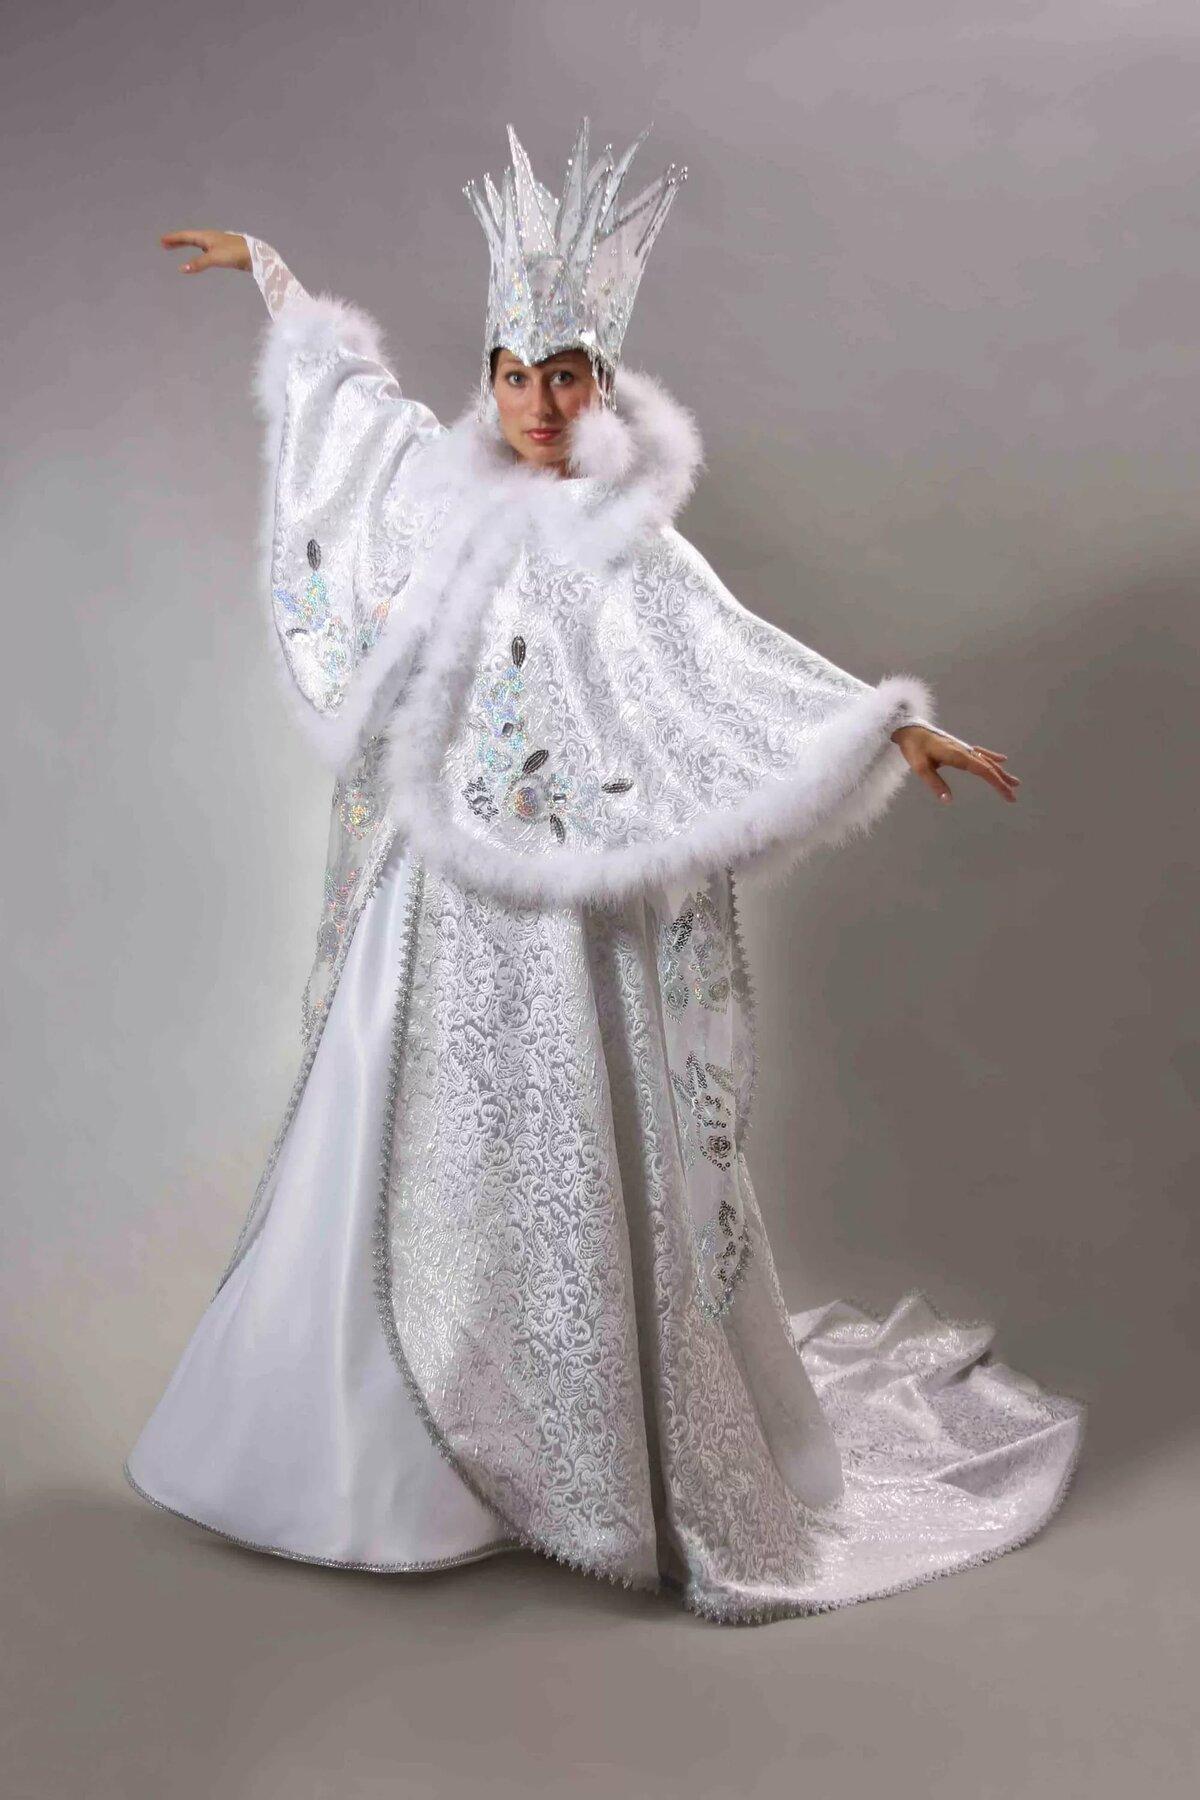 зима костюм фото прошло загородном